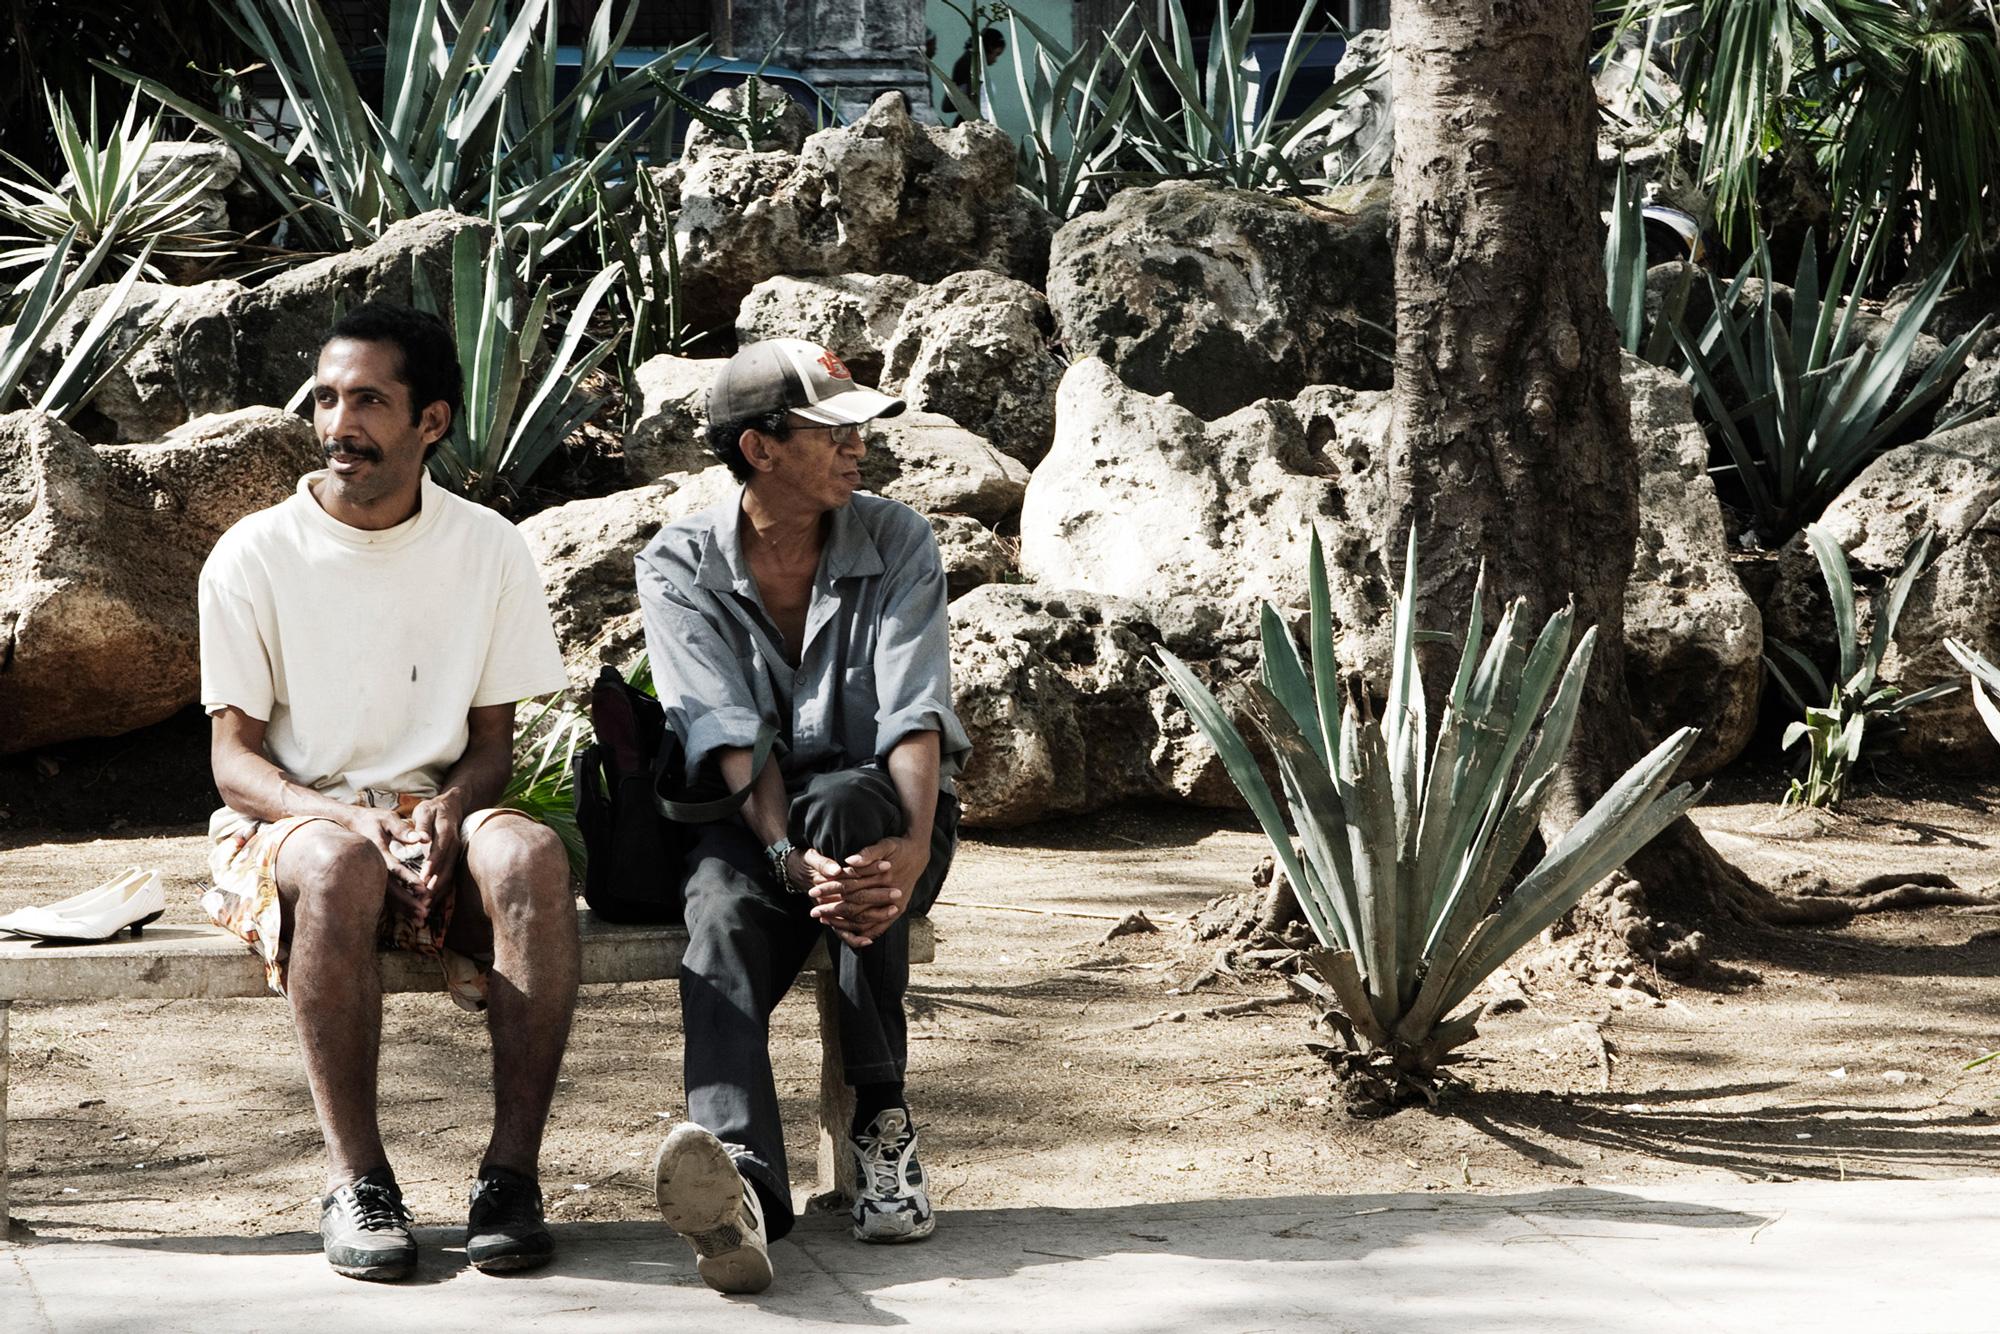 cuba deux hommes banc plantes roches